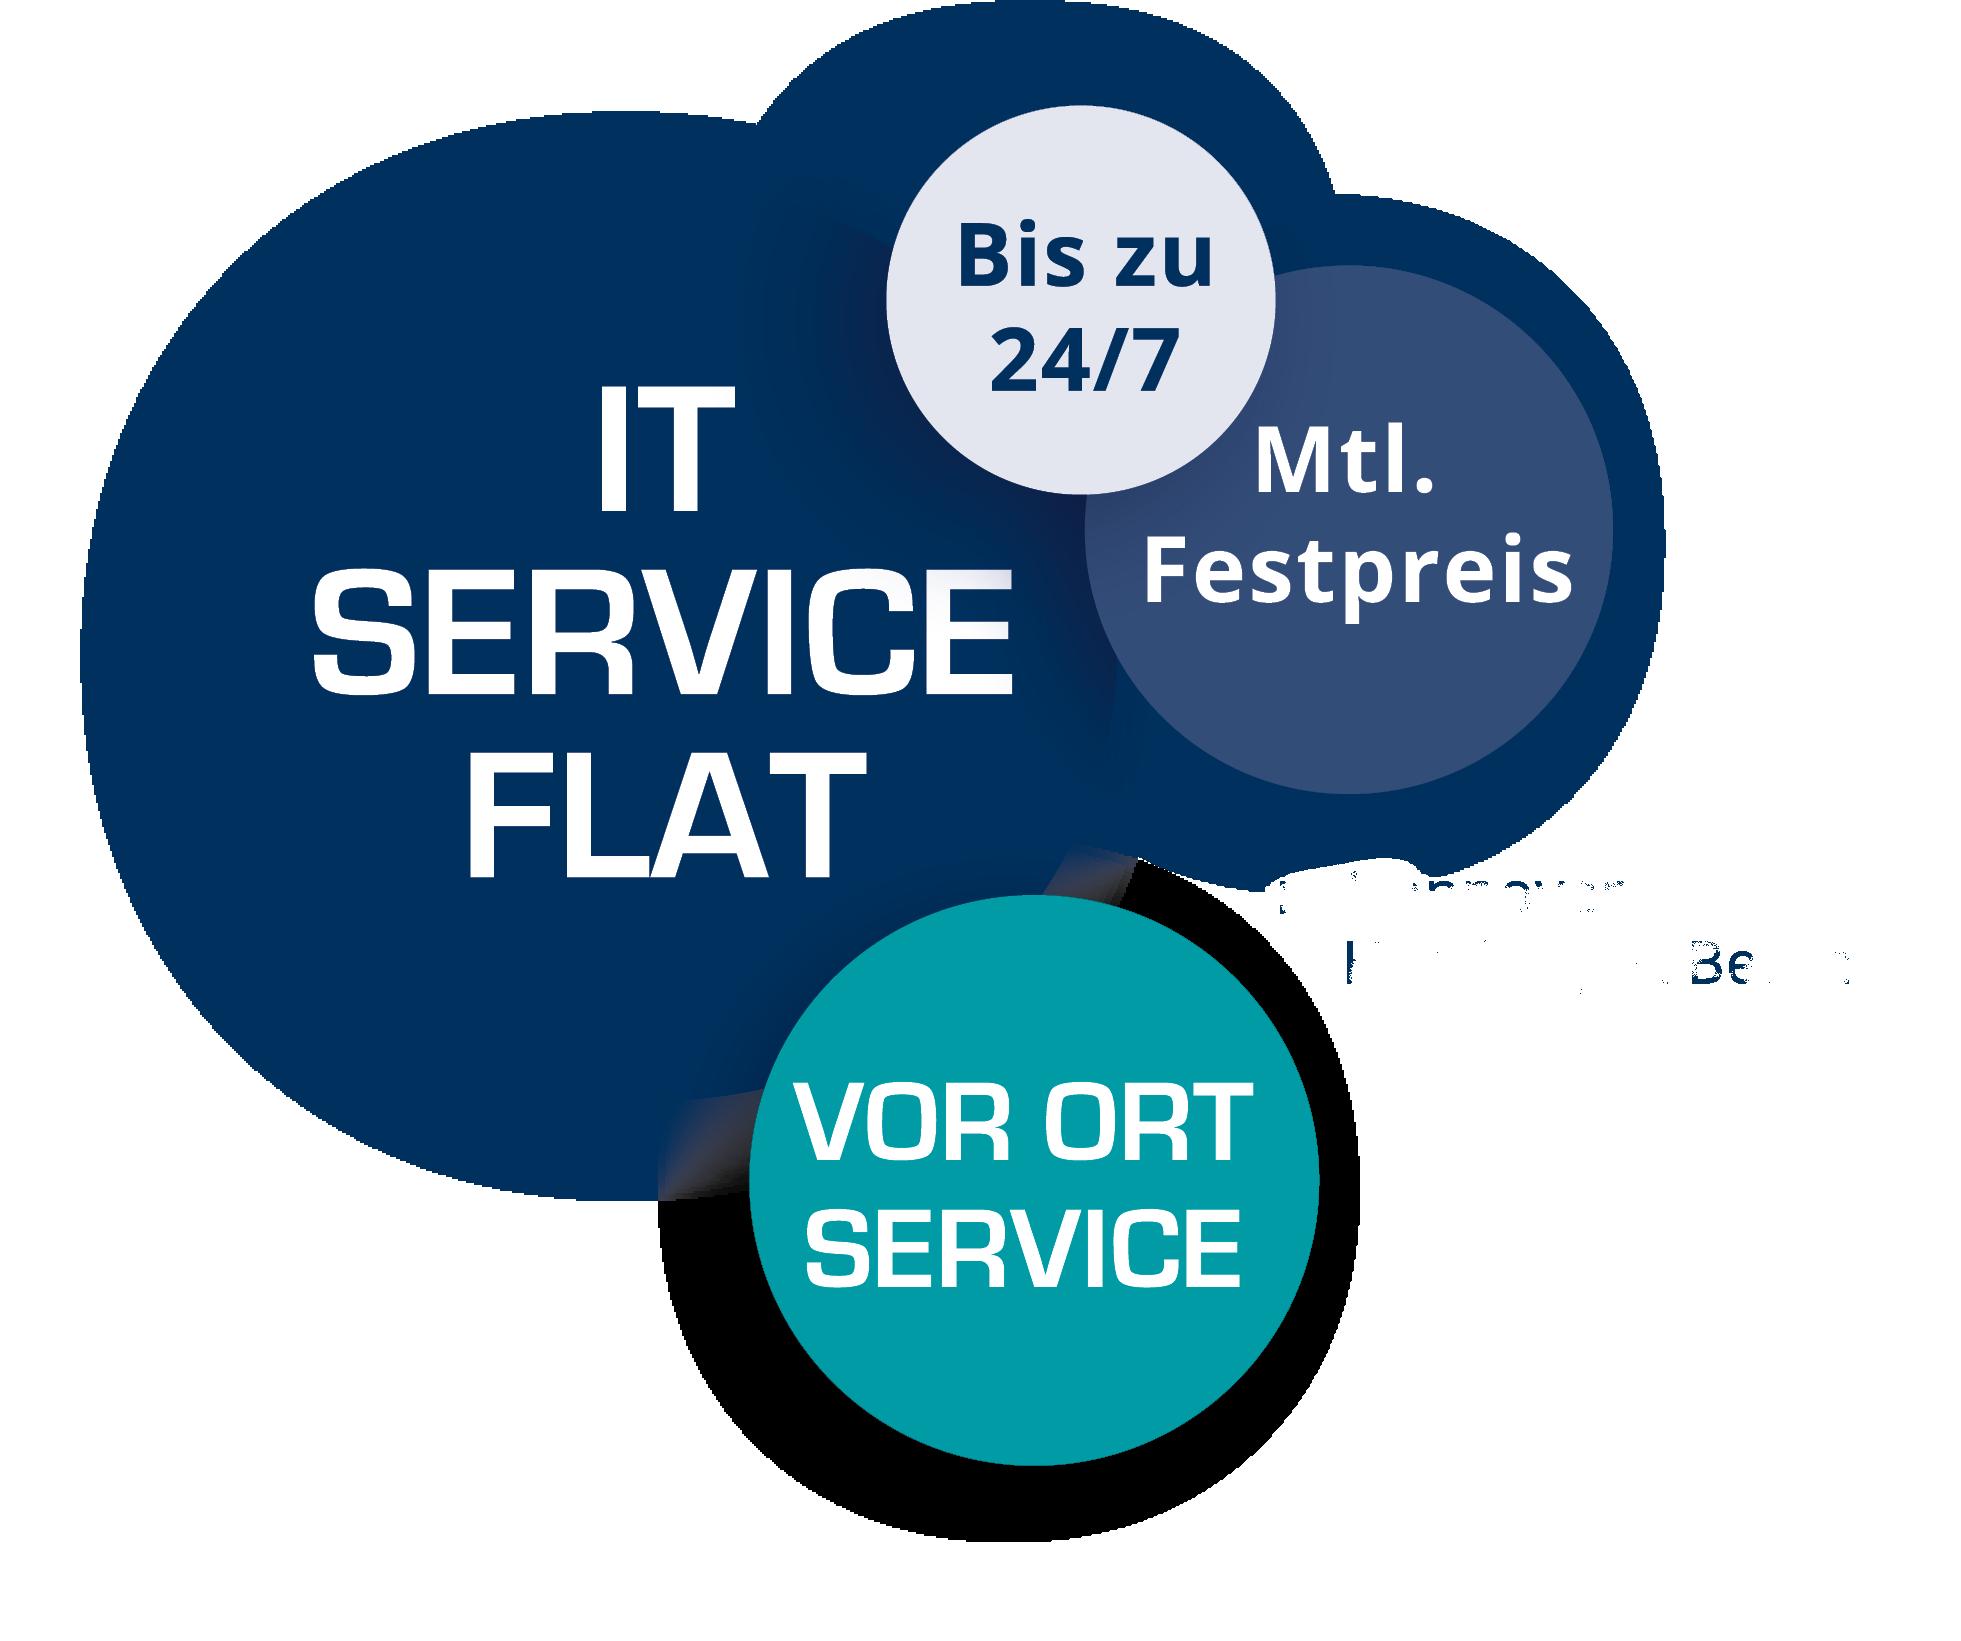 IT SERVICE FLAT ohne Standorte